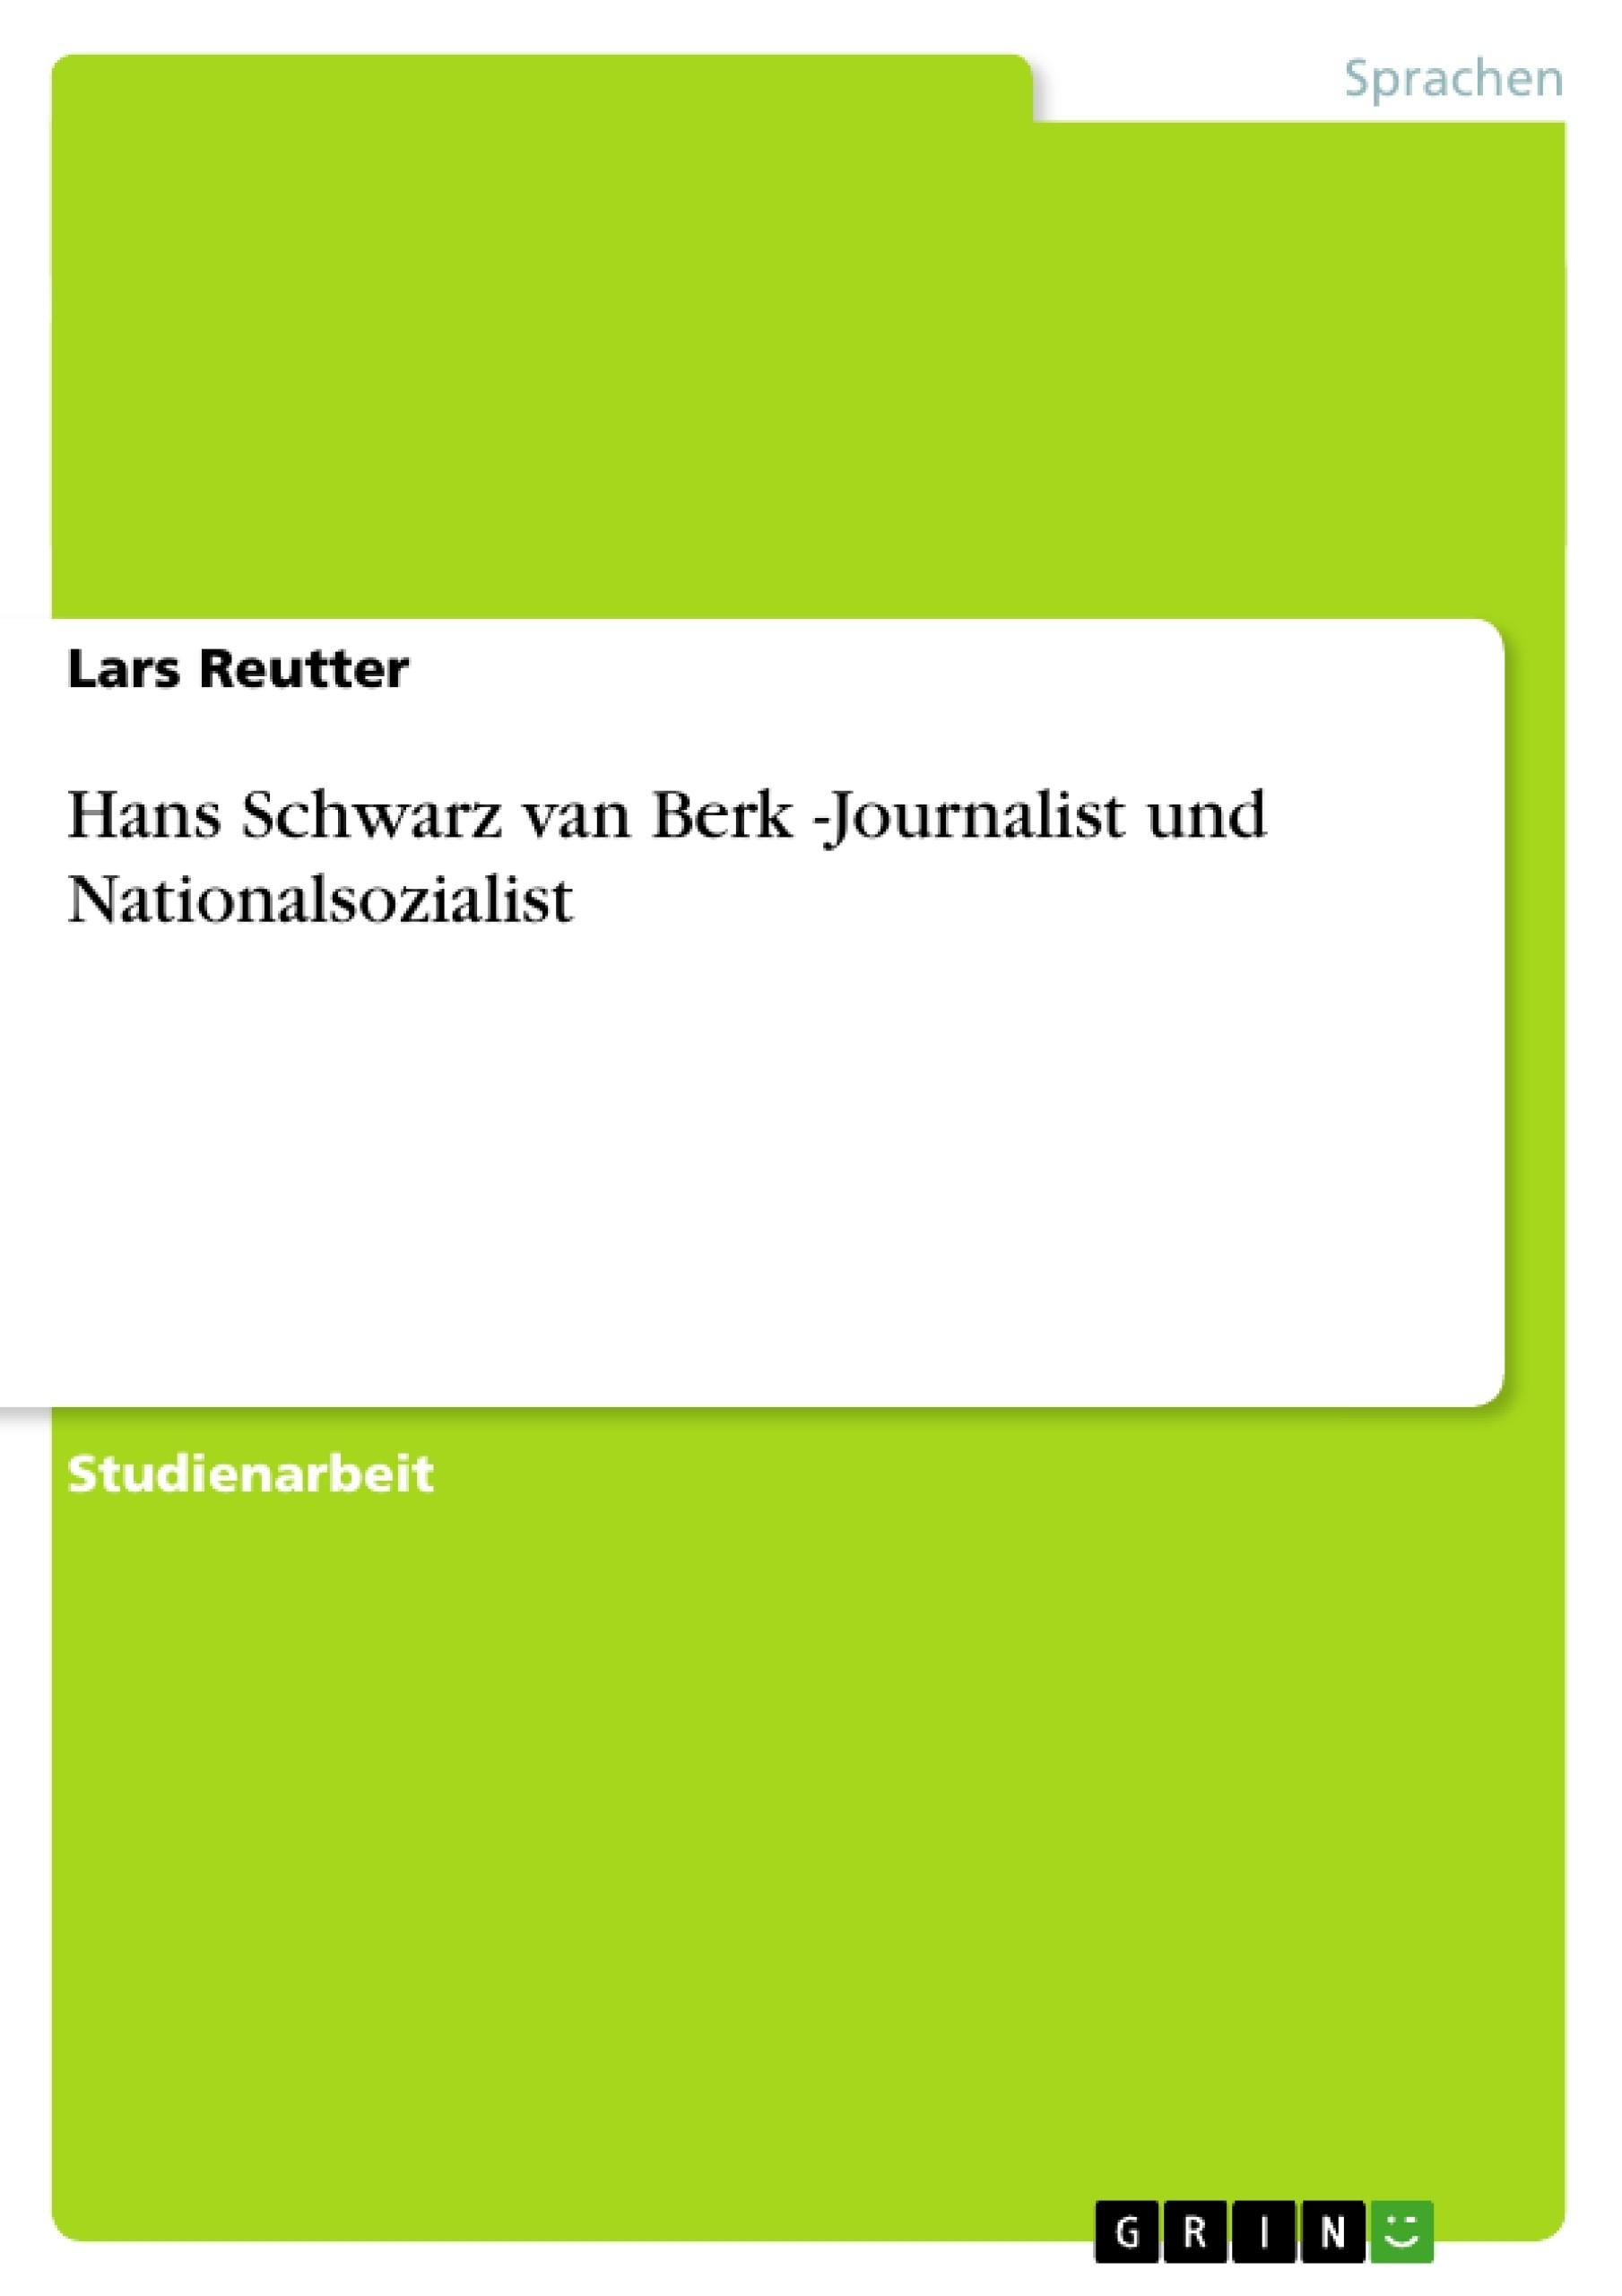 Titel: Hans Schwarz van Berk -Journalist und Nationalsozialist